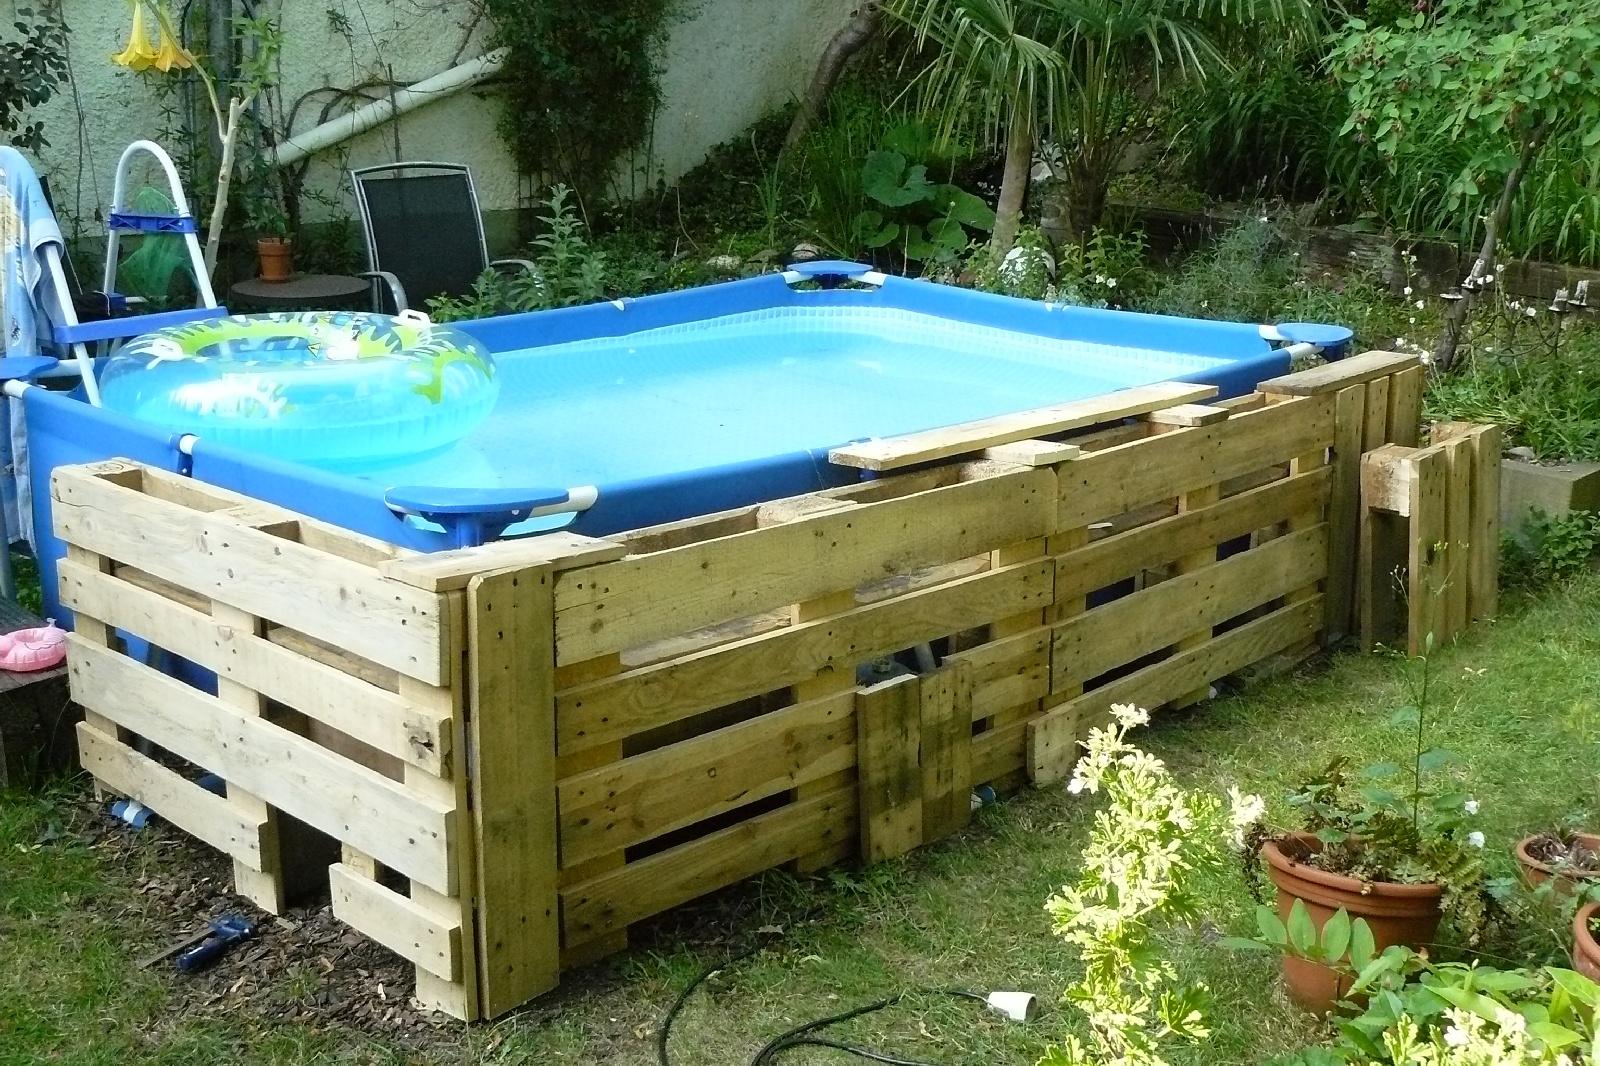 Hervorragend Pool mit Paletten einfassen DIY | Dragonflys Gartenblog XM72